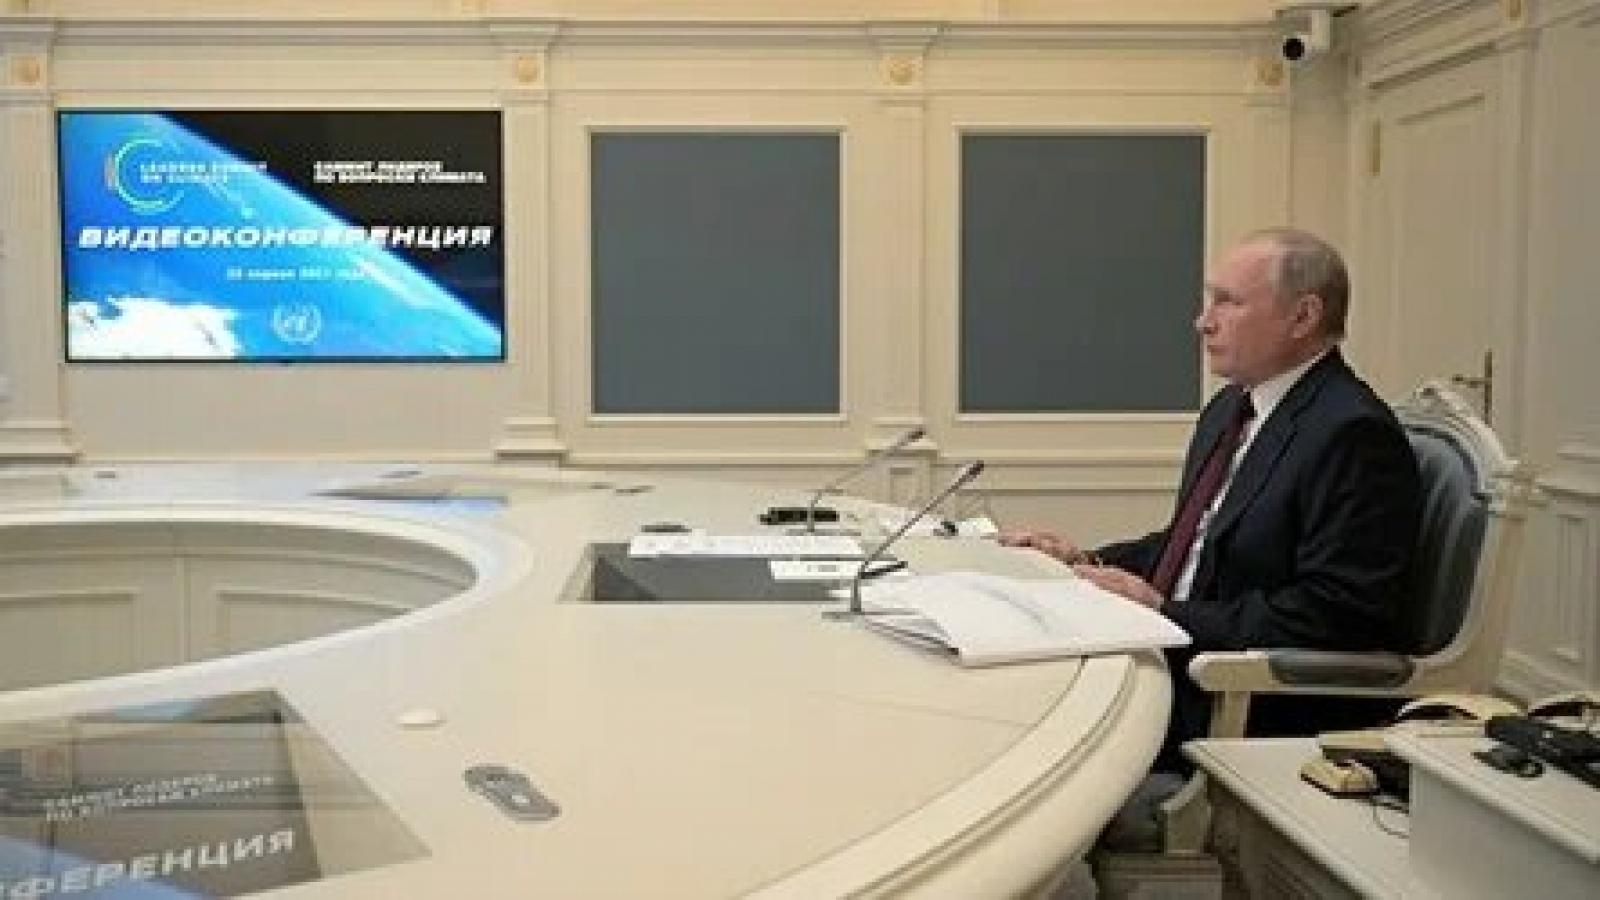 Tổng thống Nga V.Putin kêu gọi các nước LHQcùng nhau chống biến đổi khí hậu